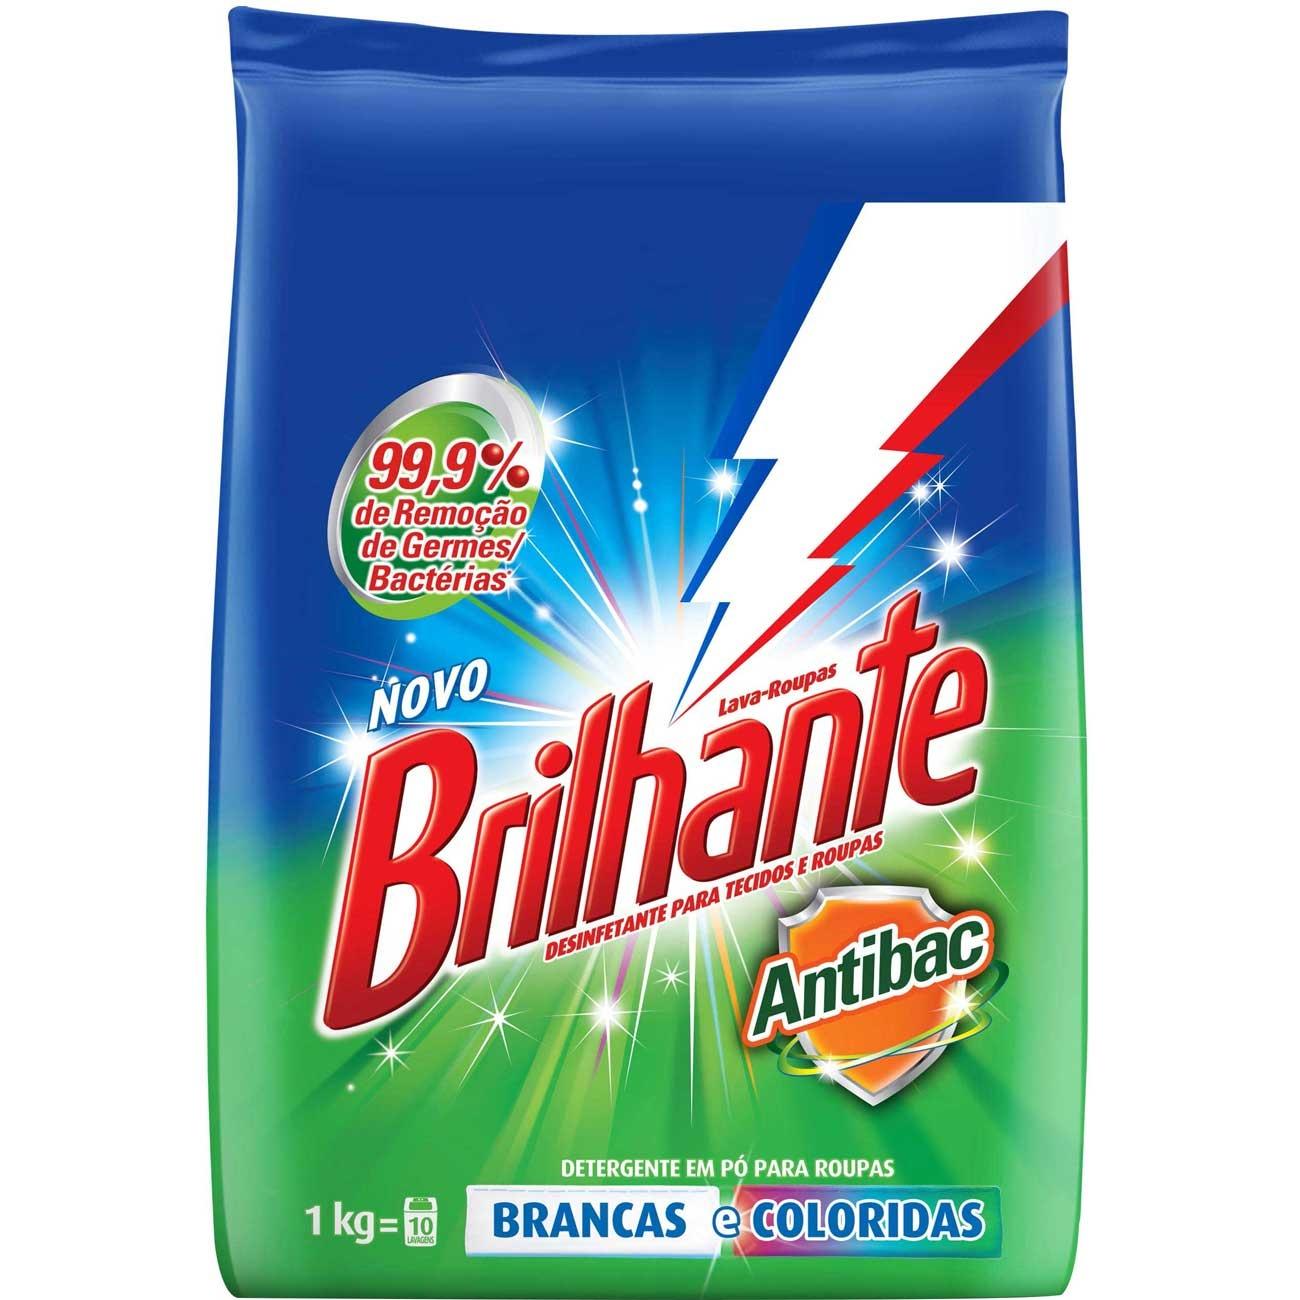 Detergente Em Pó Brilhante Antibac 1Kg